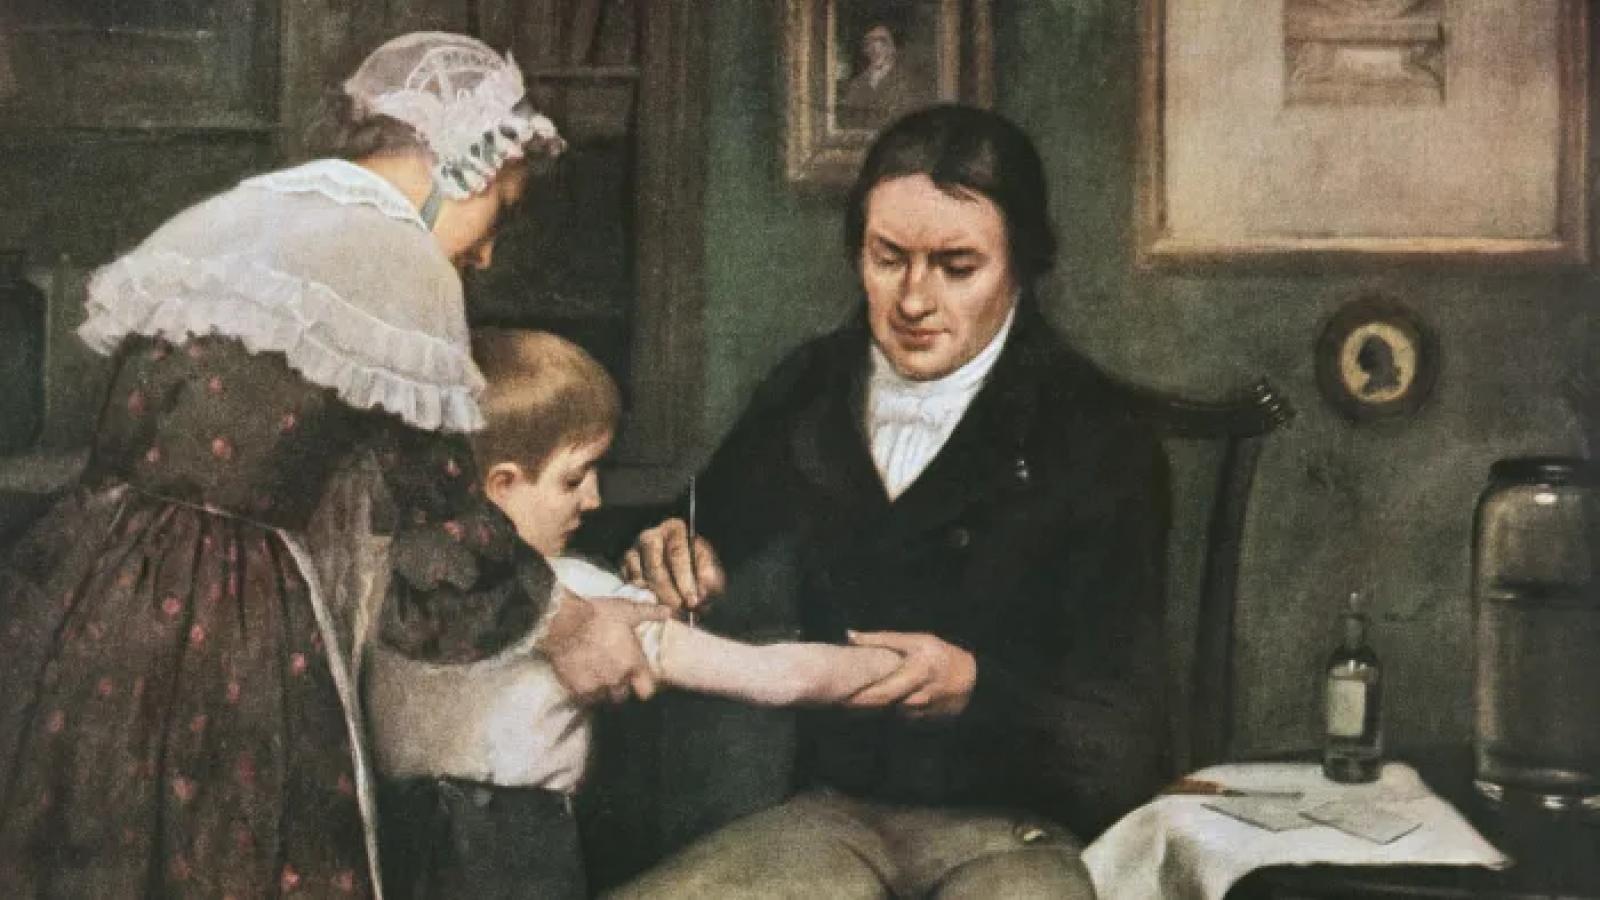 """Vết sẹo tiêm chủng - """"Hộ chiếu vaccine"""" đã xuất hiện từ thế kỷ 20"""